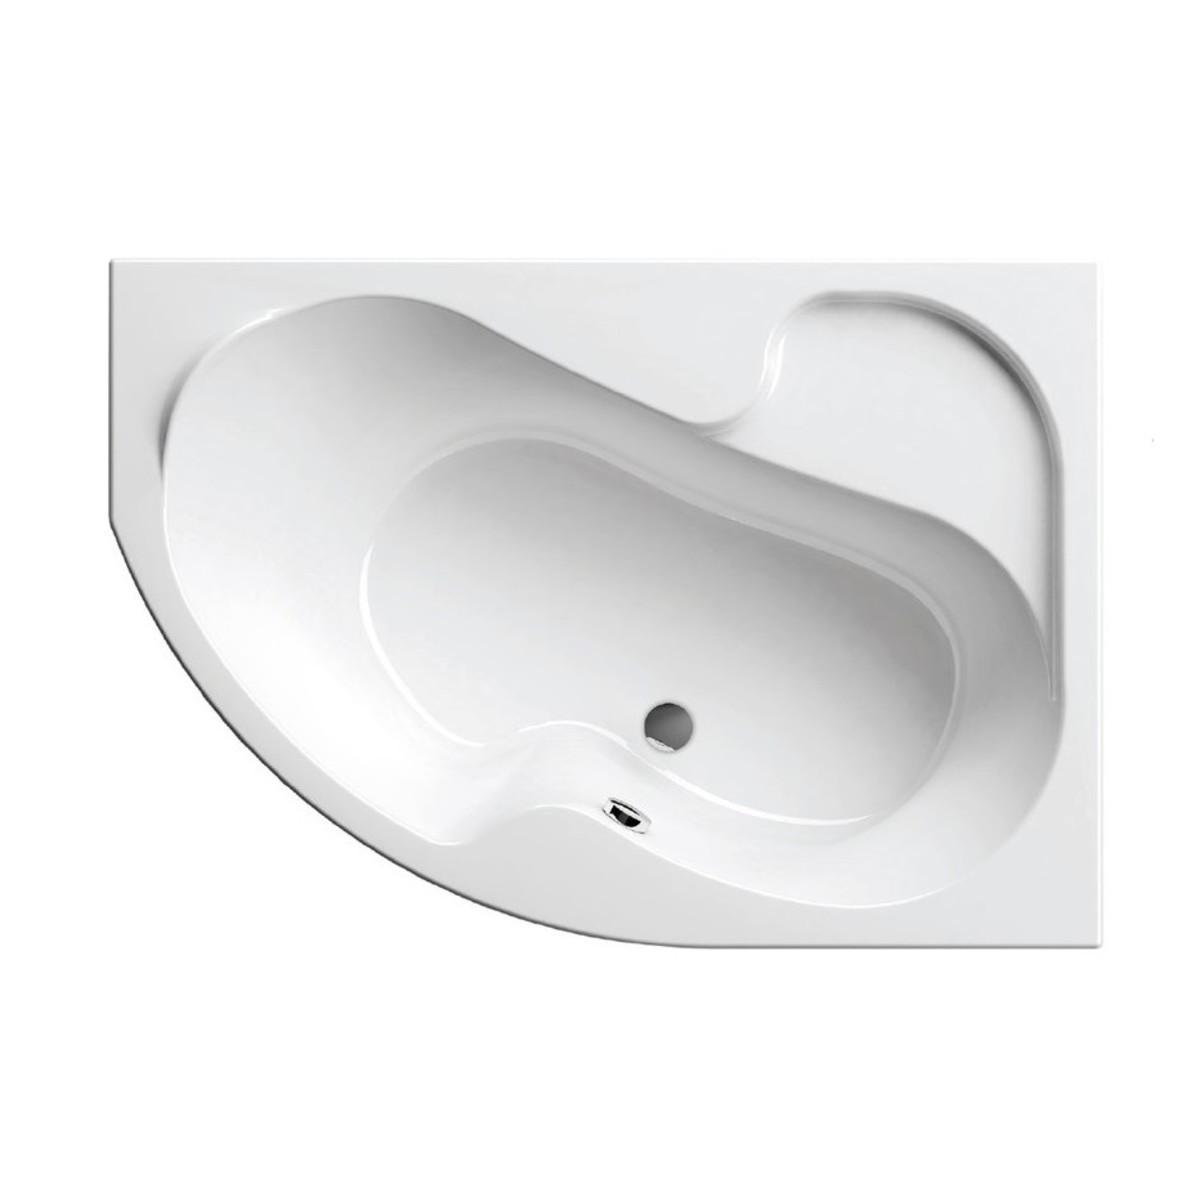 Акриловая ассиметричная ванна Ravak Rosa I 150x105 см правая